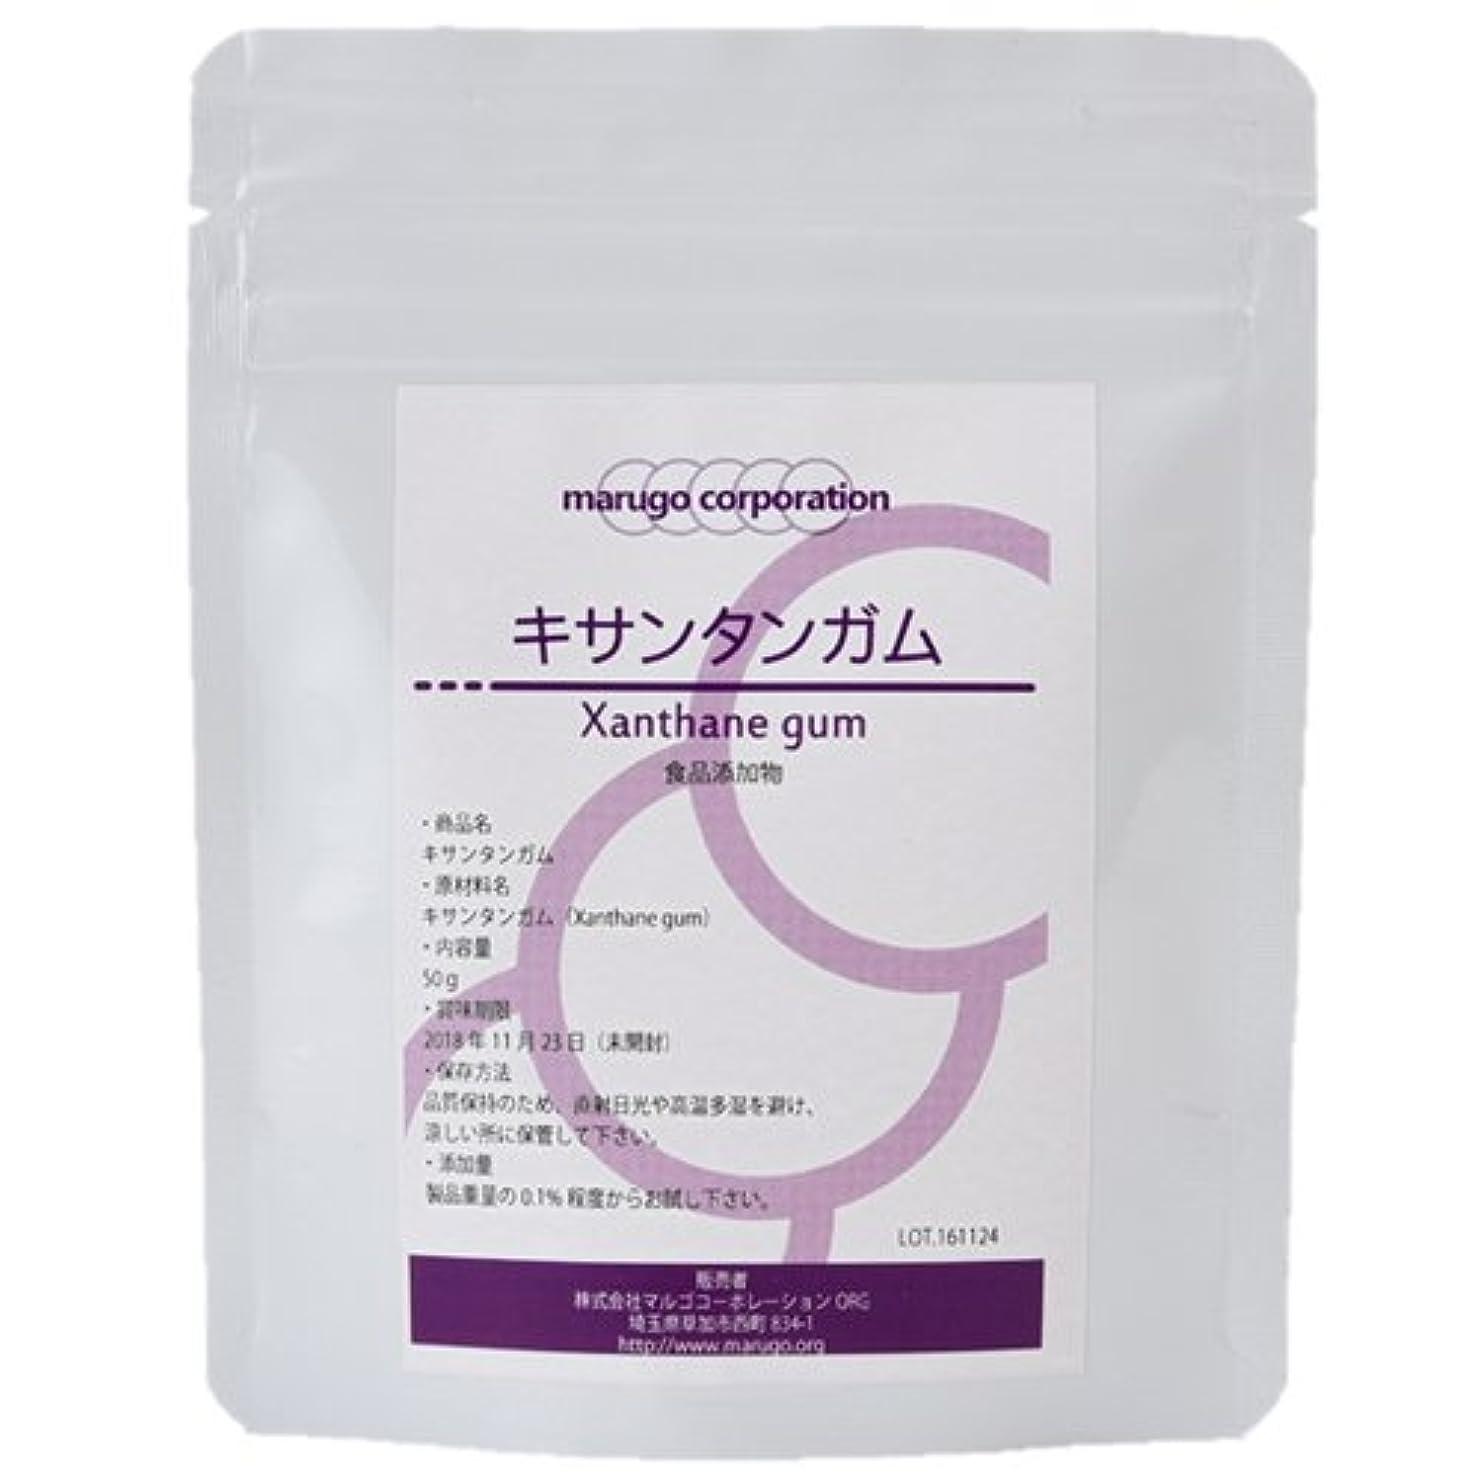 ご注意動作振り子marugo(マルゴ) キサンタンガム 粉末 手作り化粧品 オーガニック 食品添加物(食品)増粘多糖類 (50g)